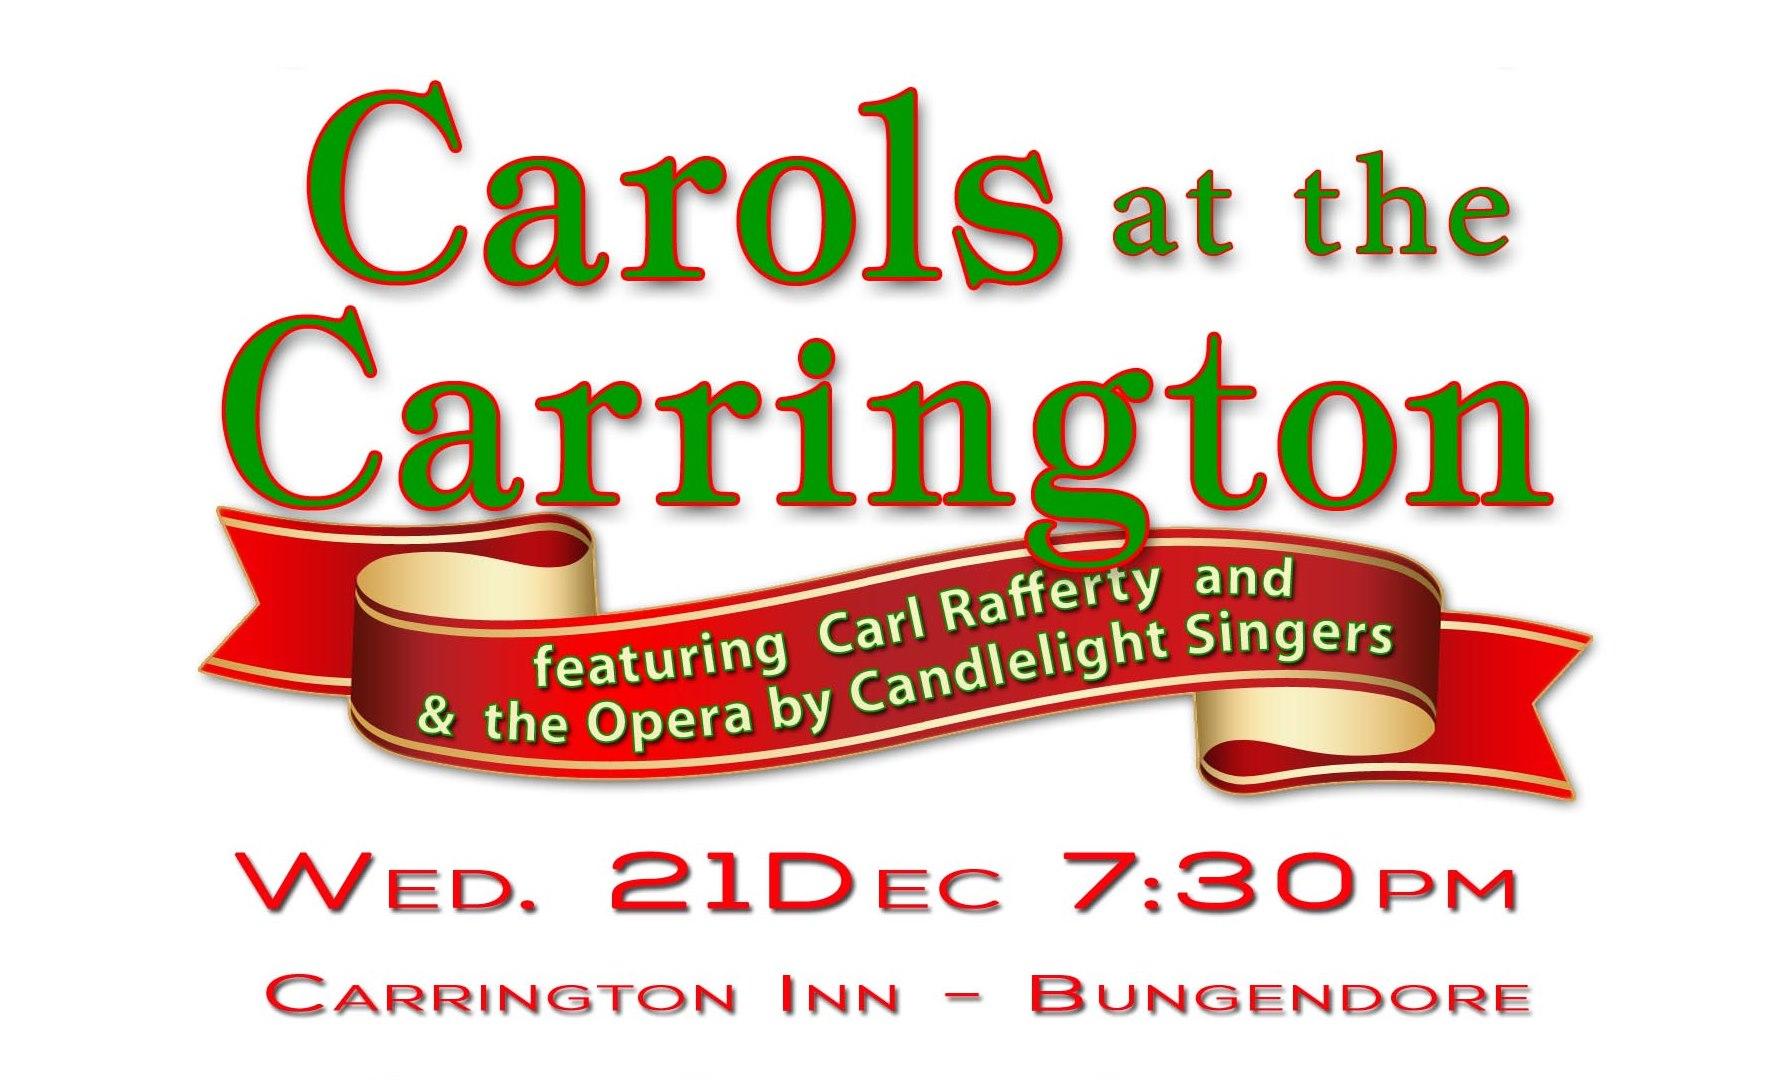 Carrington Inn Announces Evening of Carols